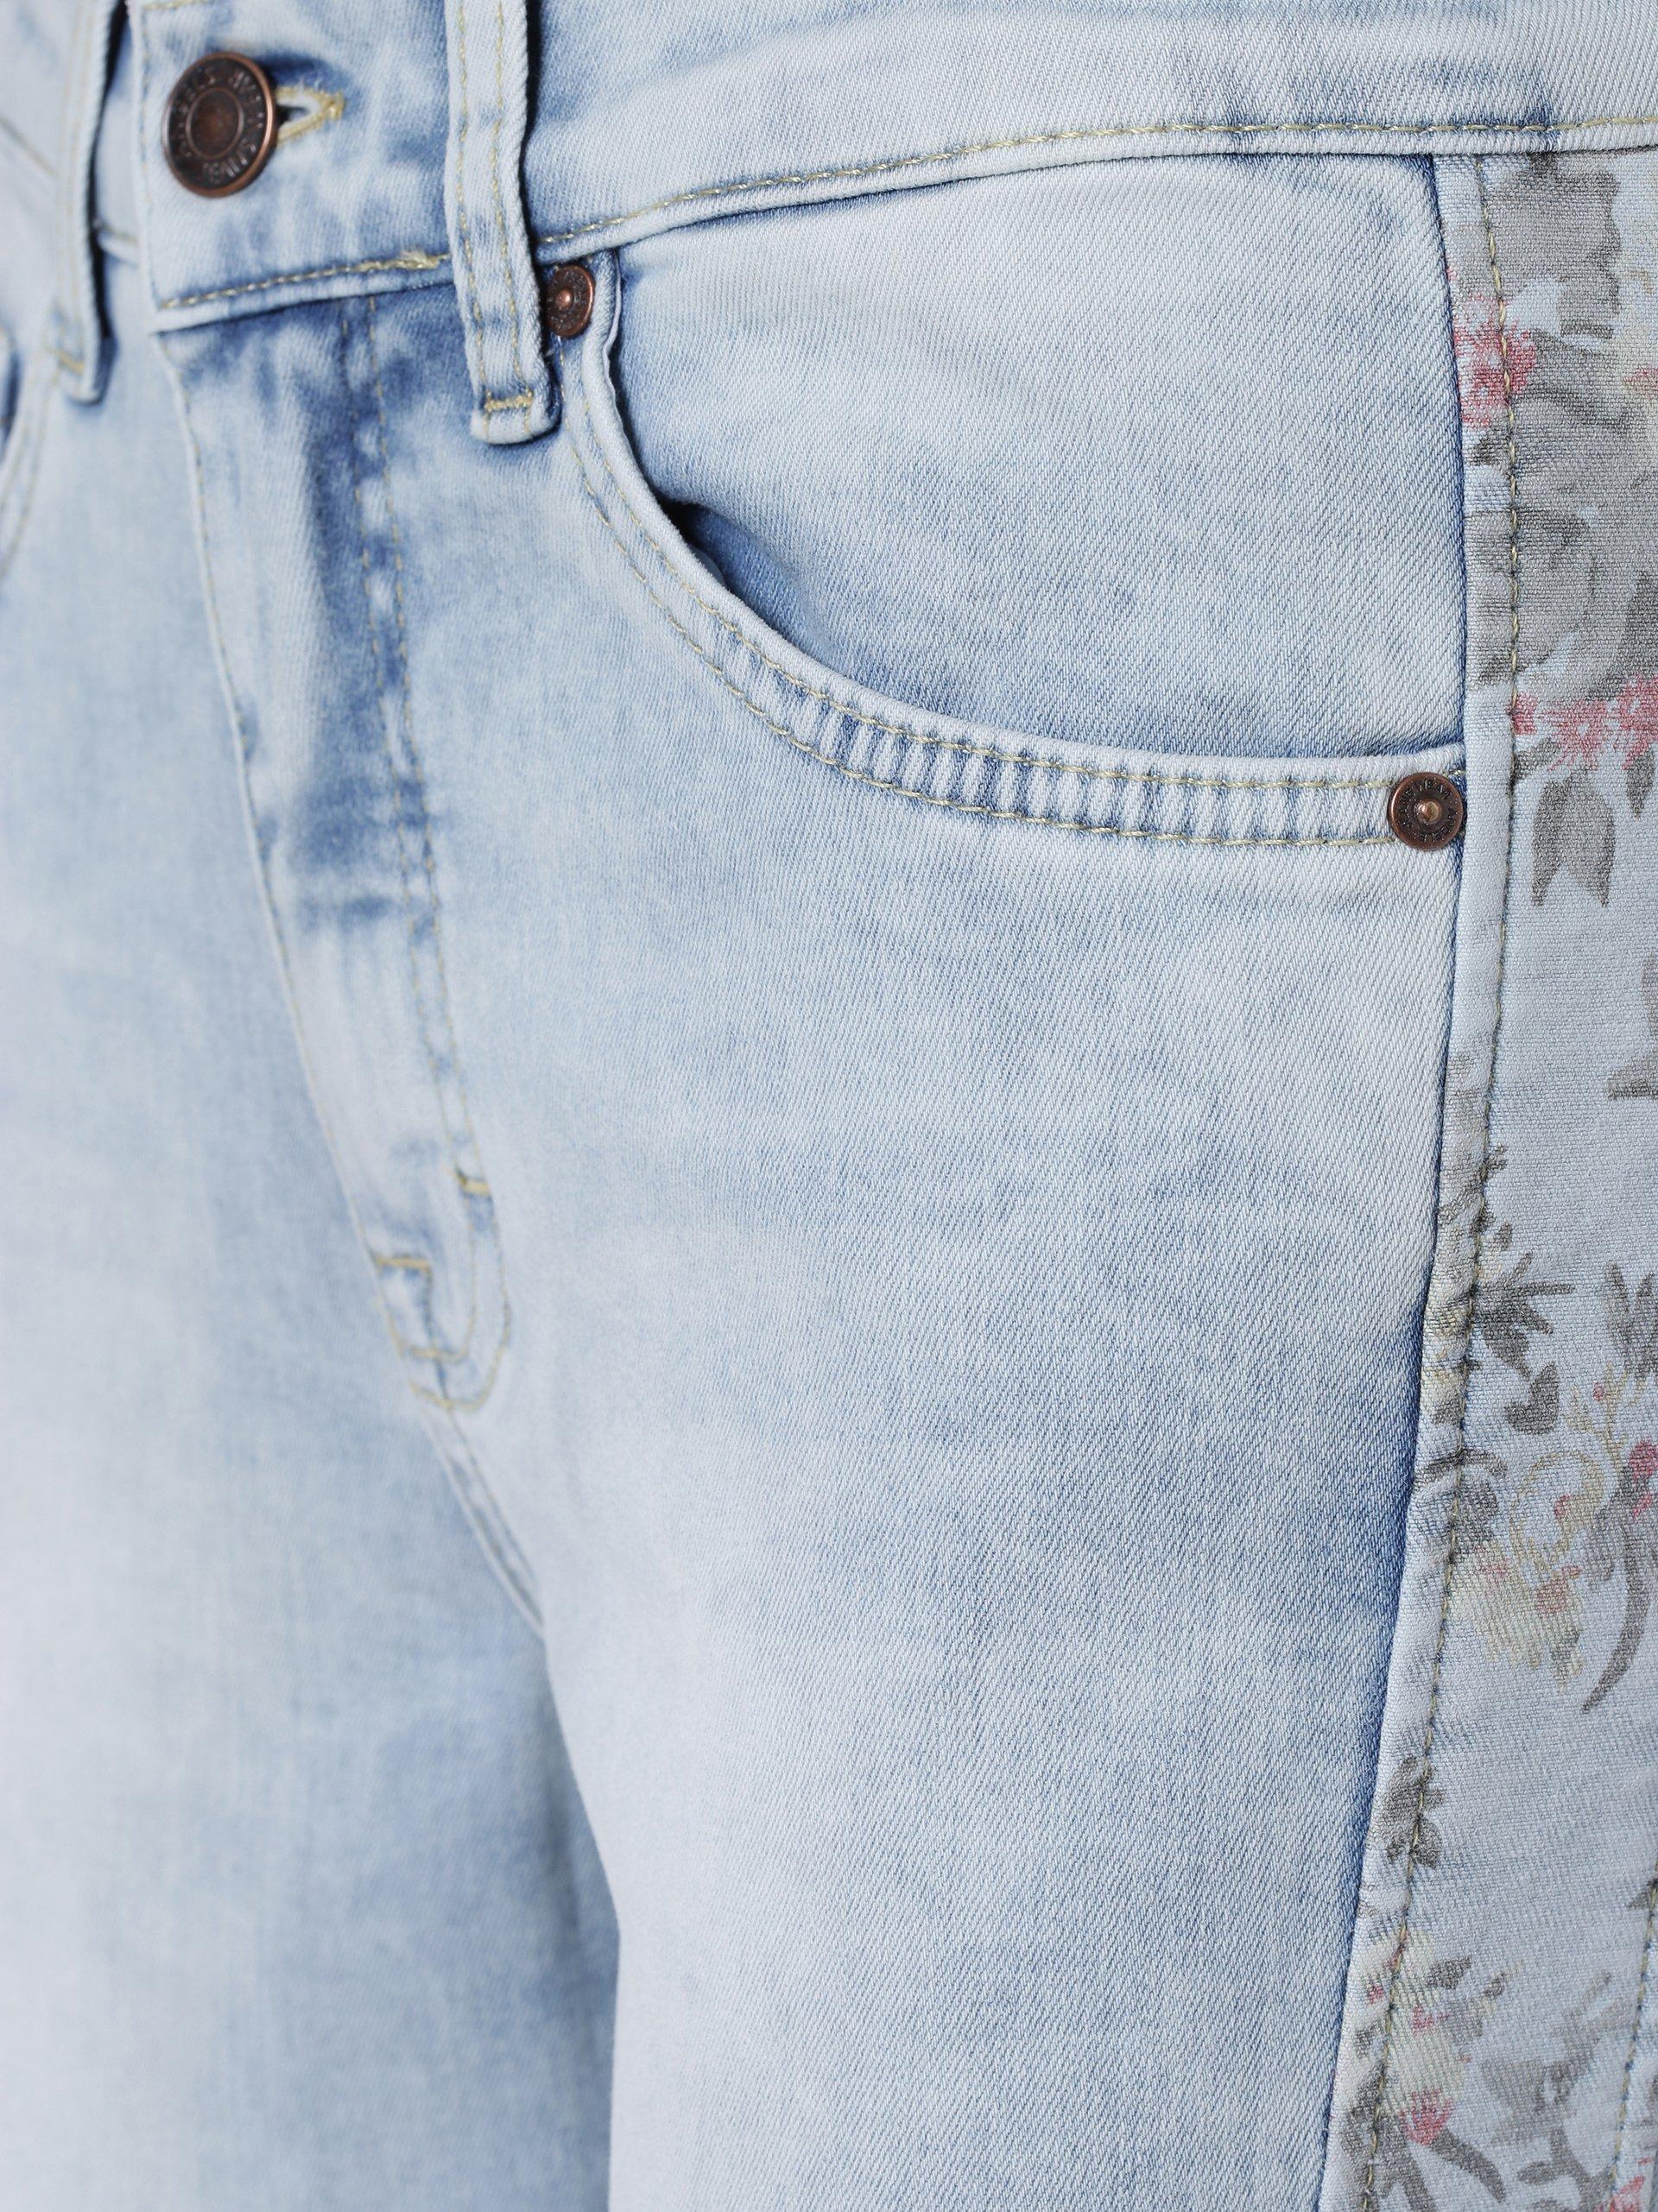 Blumen Jeans Kaufen